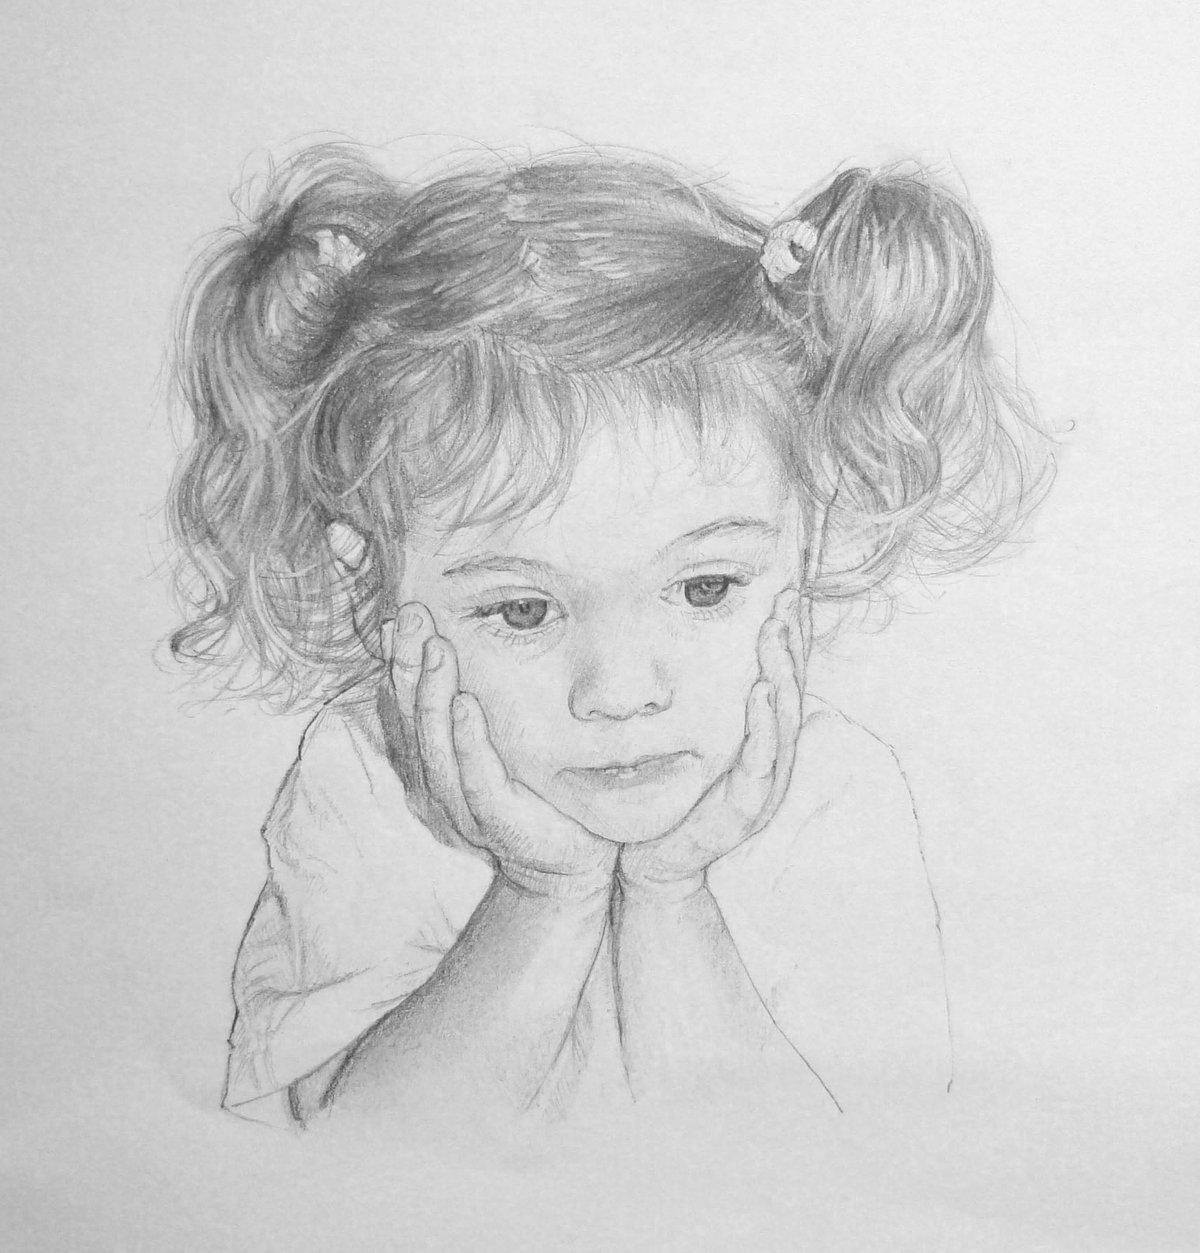 Картинки с ребенком нарисованные карандашом, ребенком новым